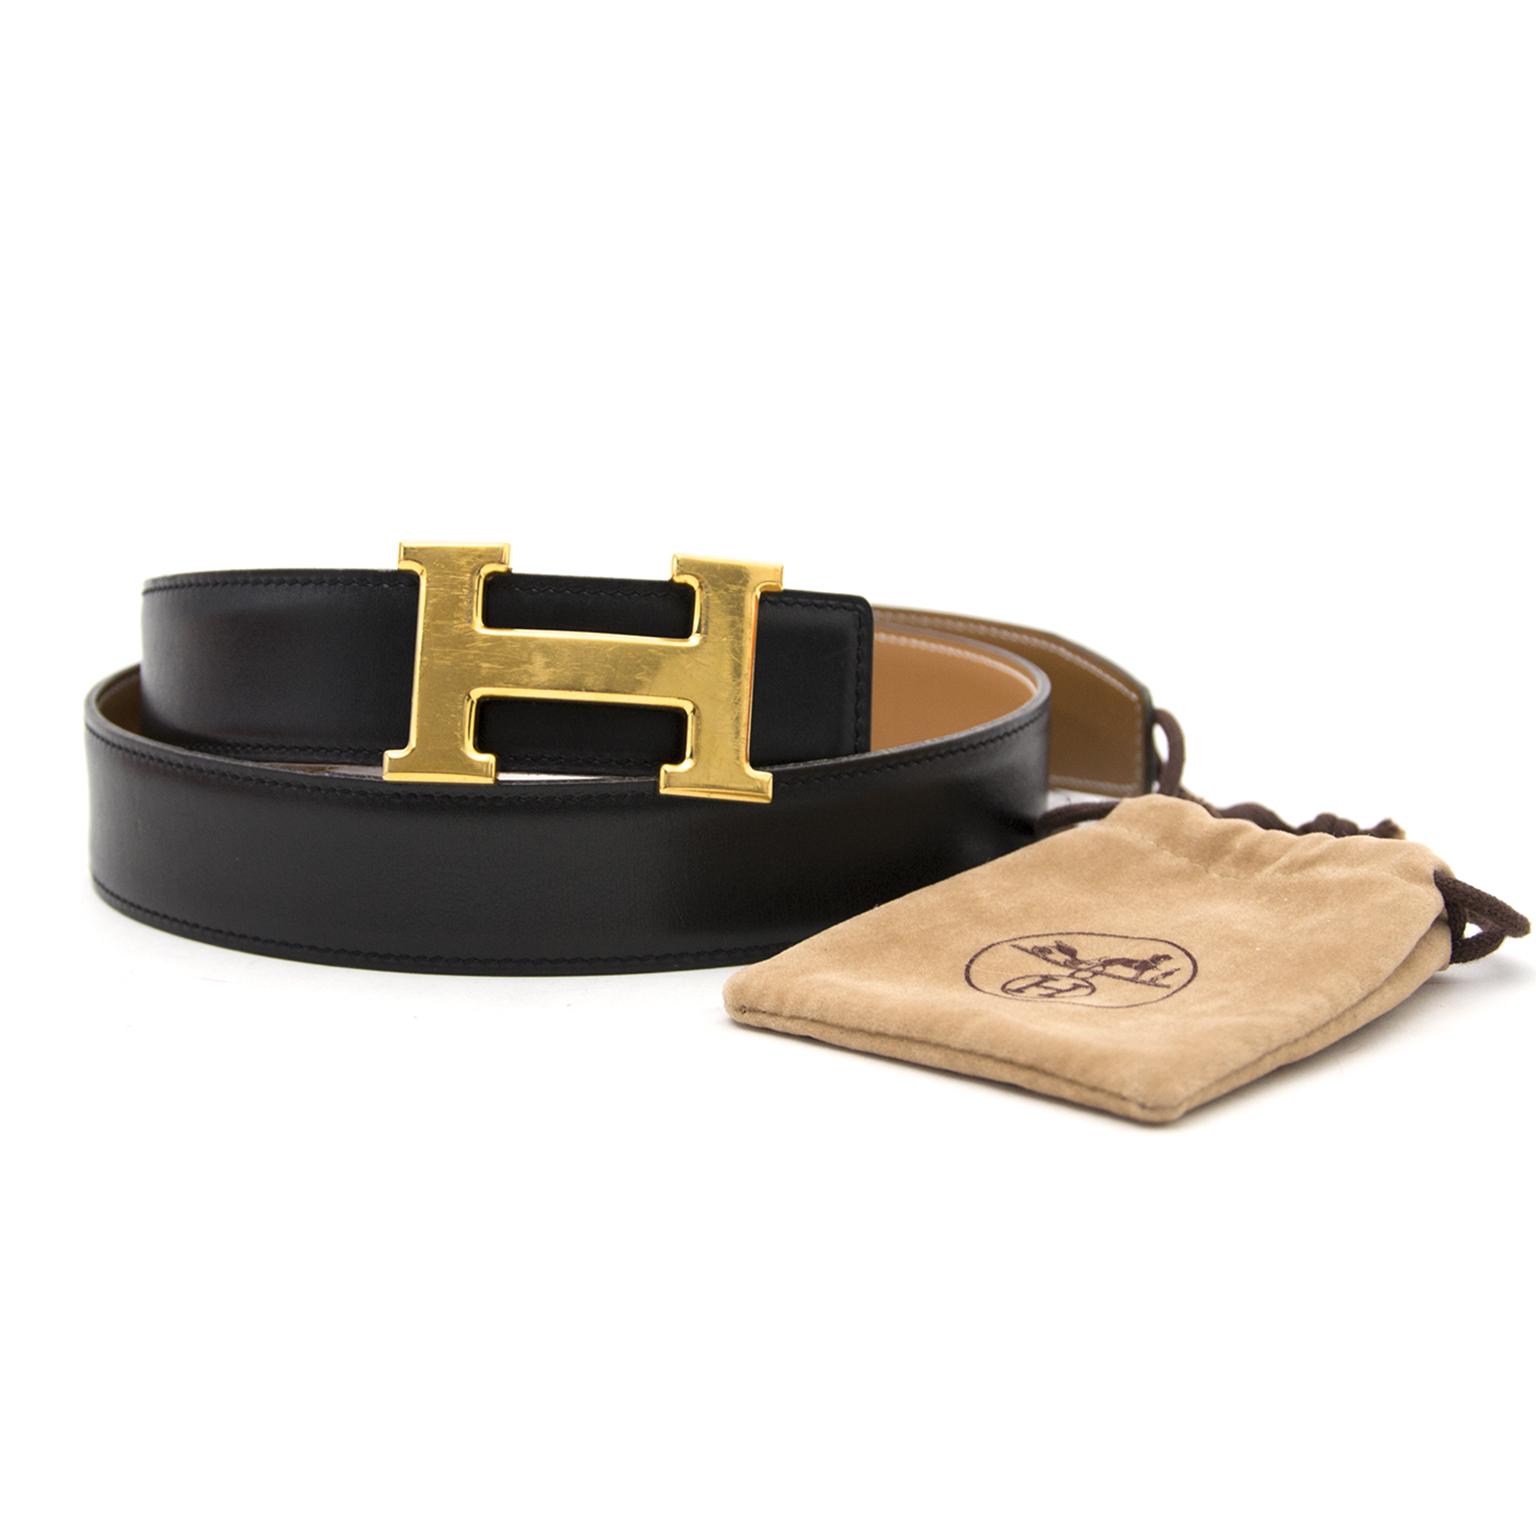 Acheter en ligne chez Labellov.com Hermès Reversible Gold/Black Constance H Belt